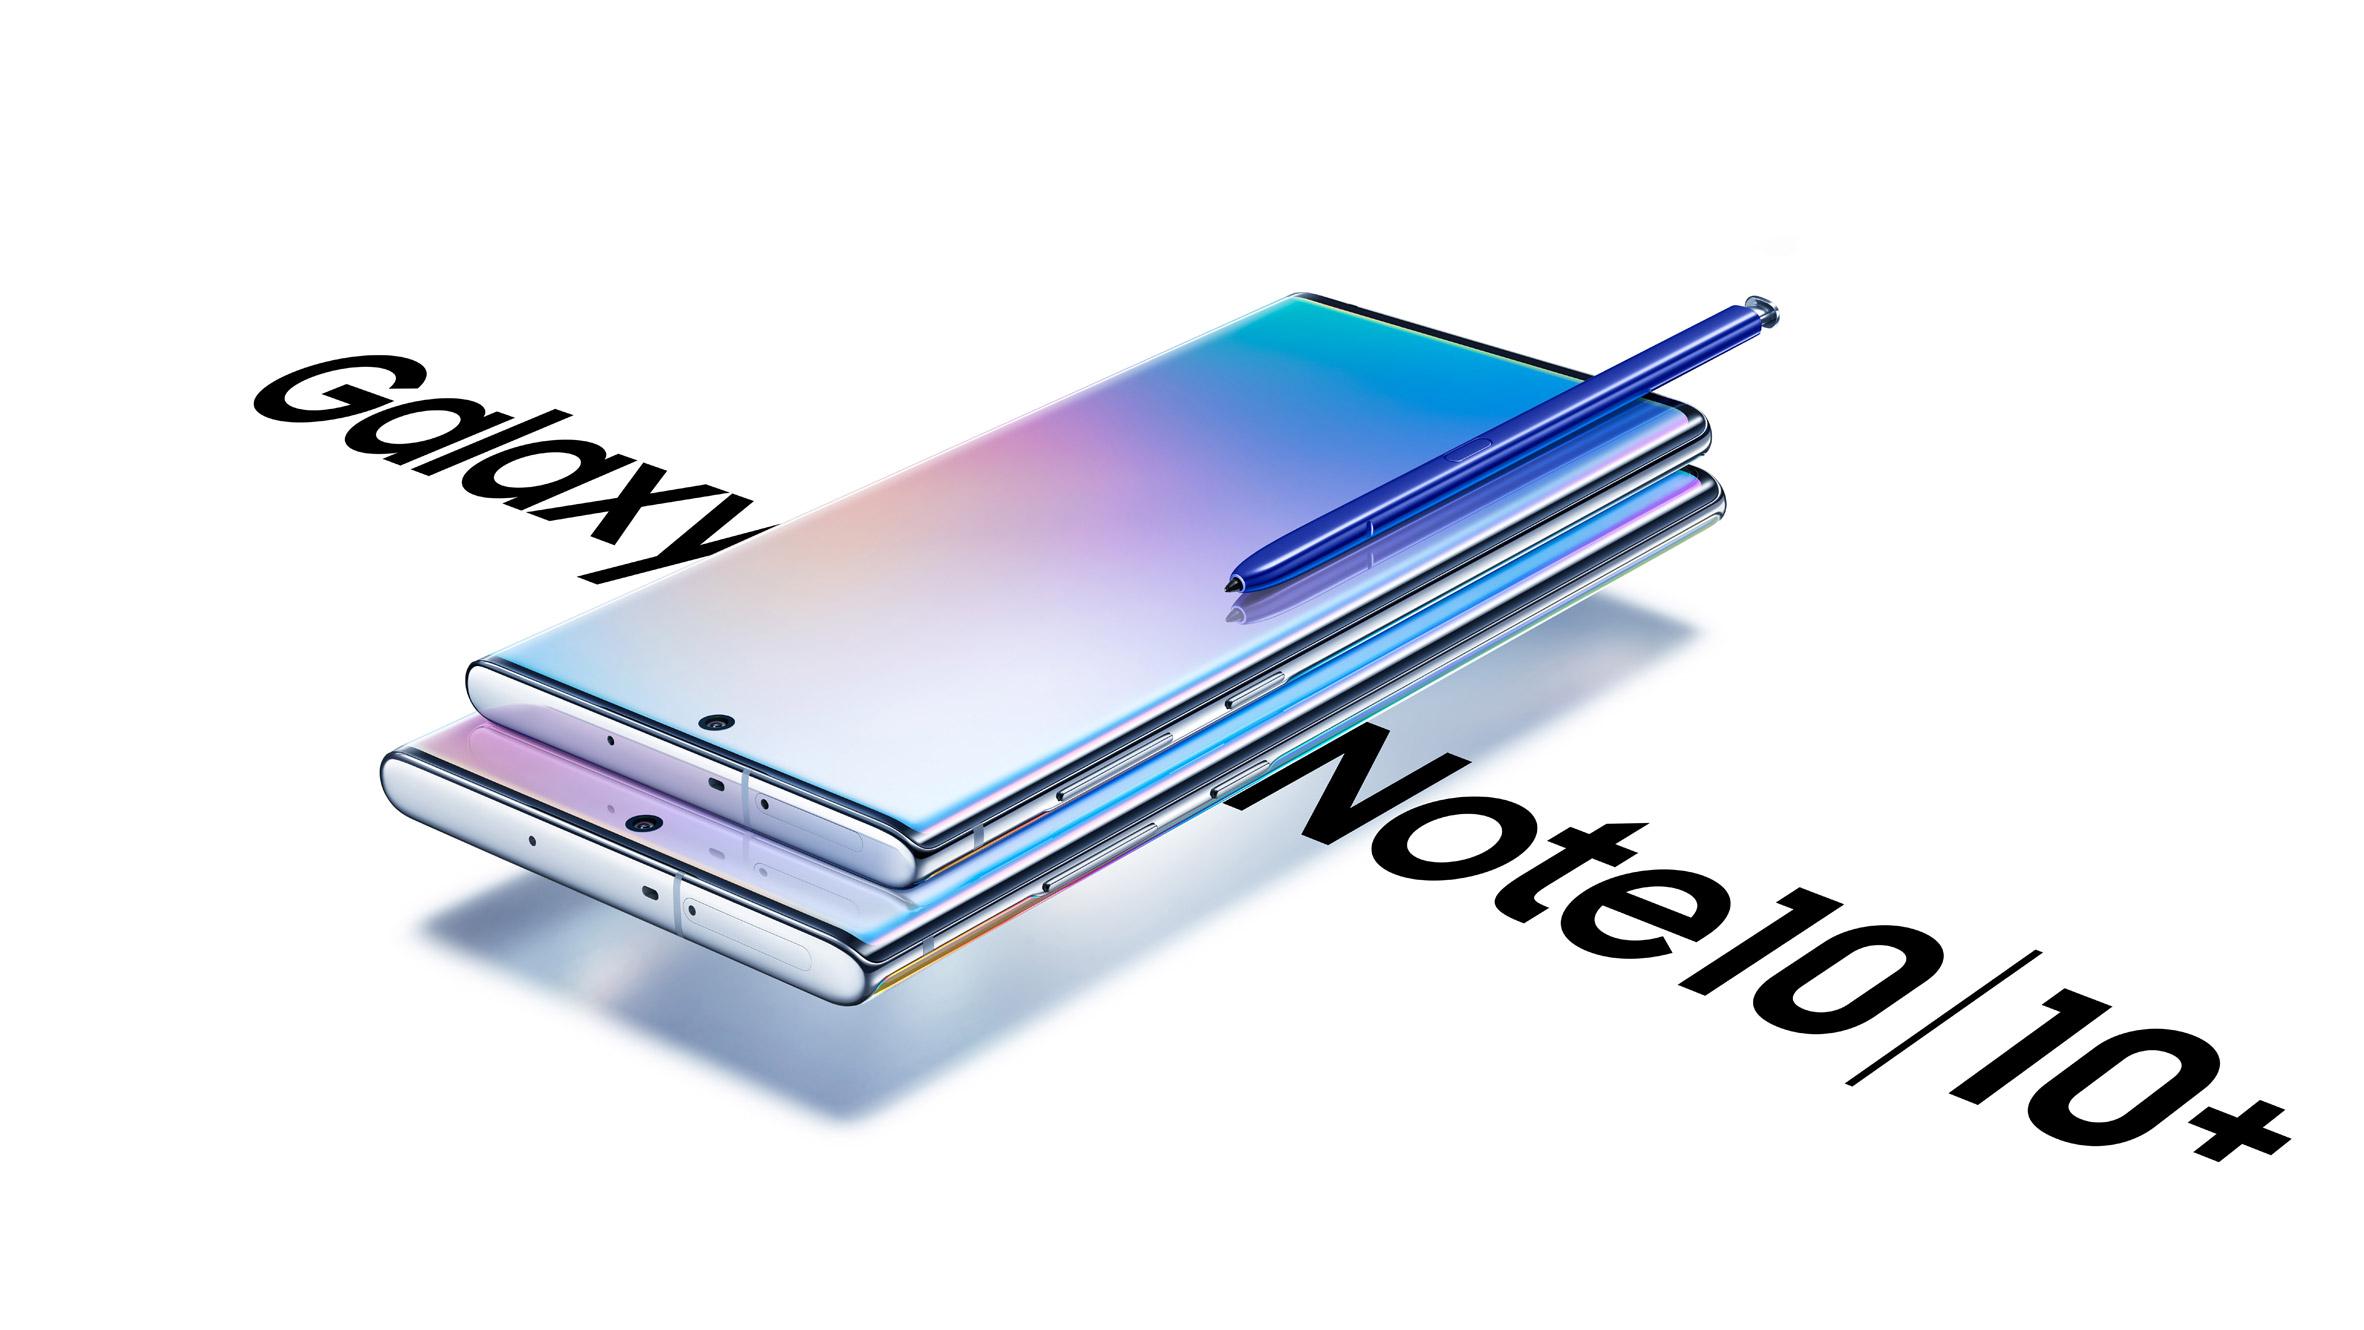 Cómo Screen Mirror To Smart TV en Samsung Galaxy Note 10 con la aplicación Samsung Smart View